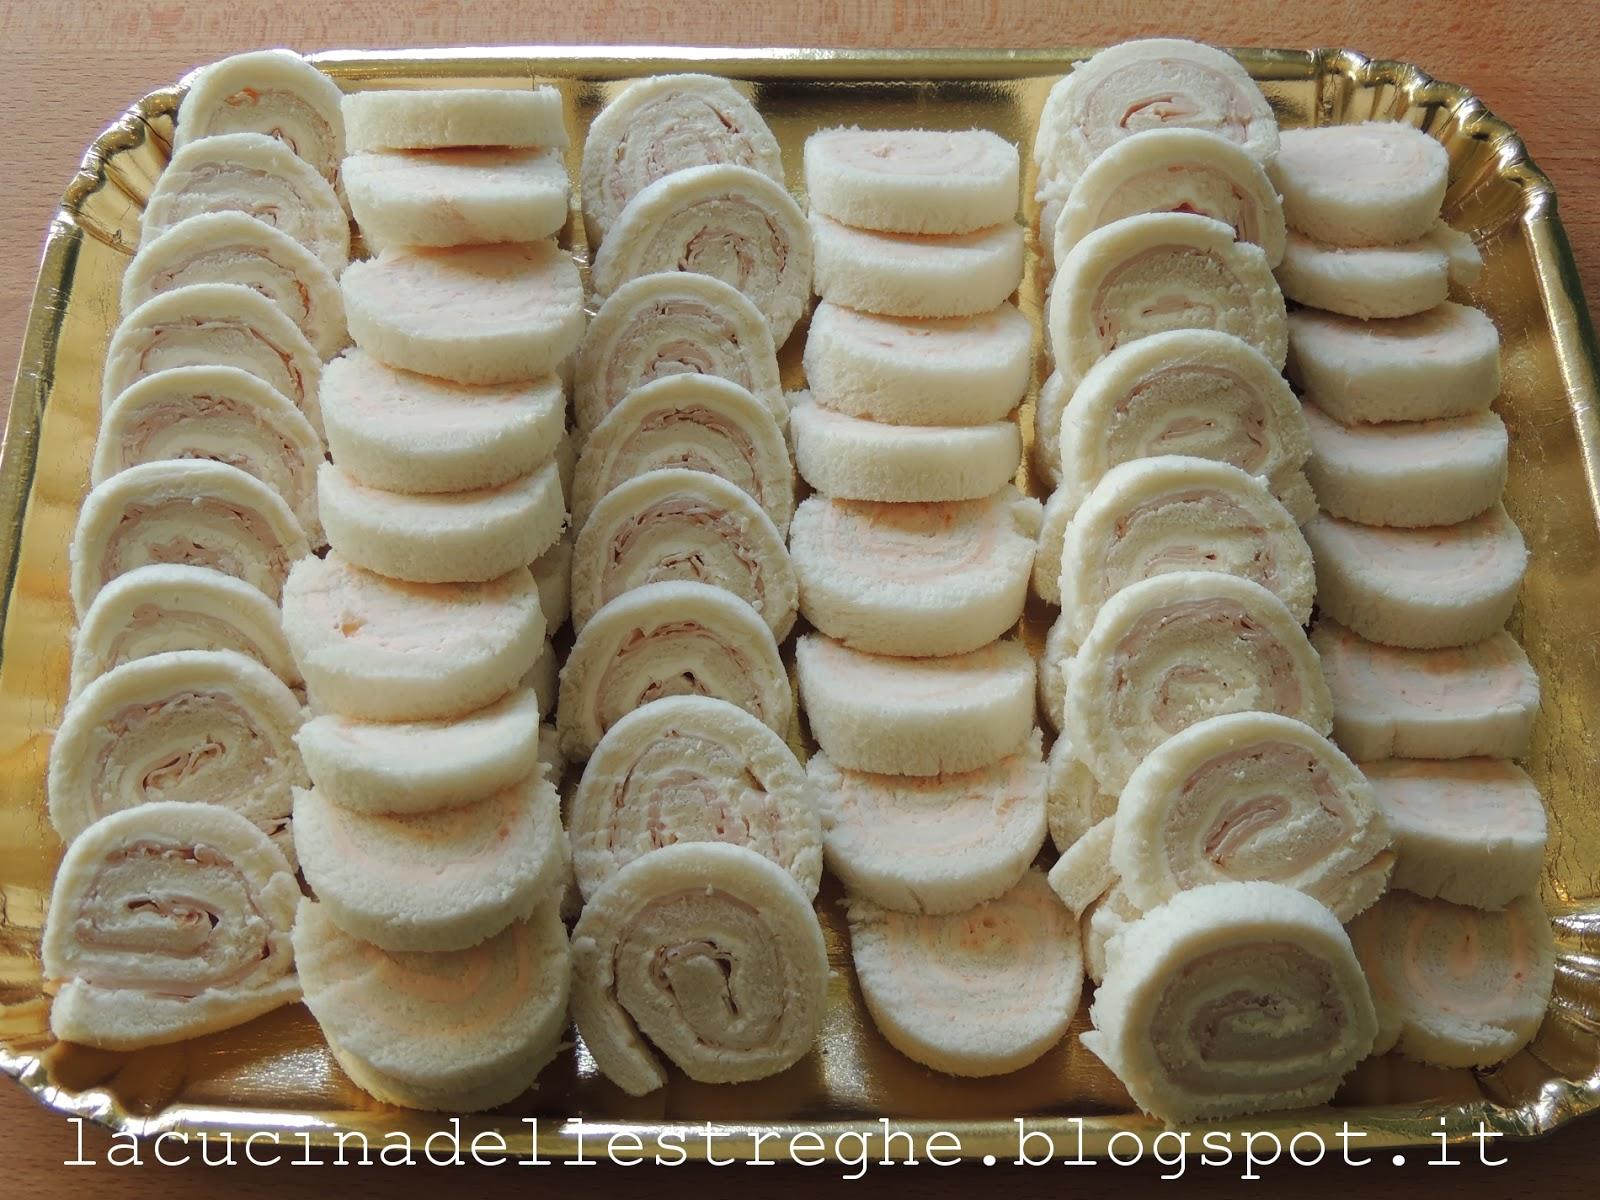 Amato La cucina delle streghe: Girelle di tramezzini YG04